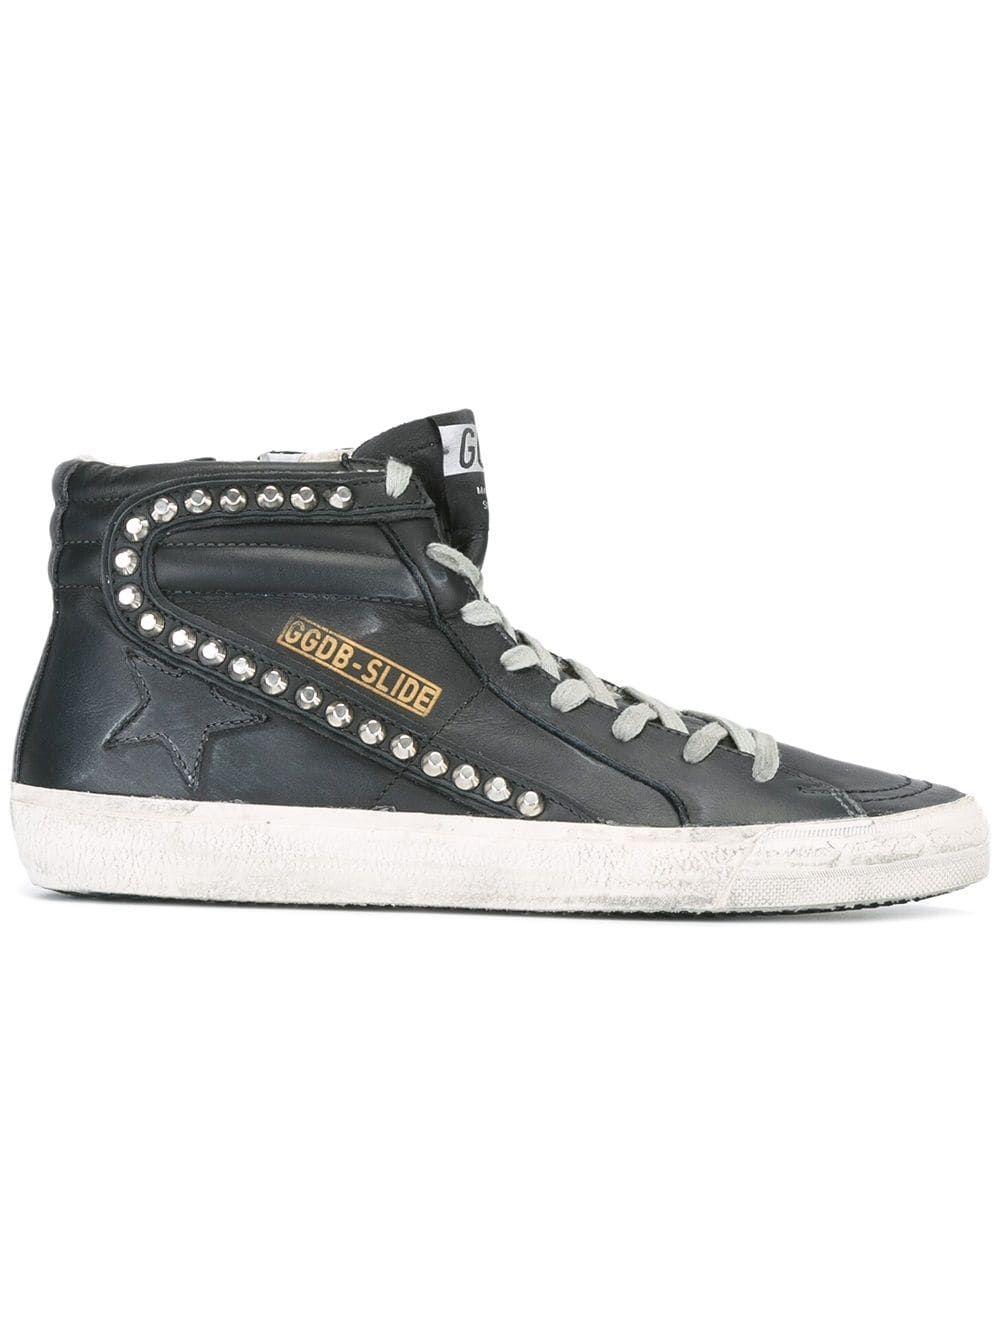 Golden Goose Slide Hi Top Sneakers Black Studded Sneakers Golden Goose Sneakers Outfit Top Sneakers